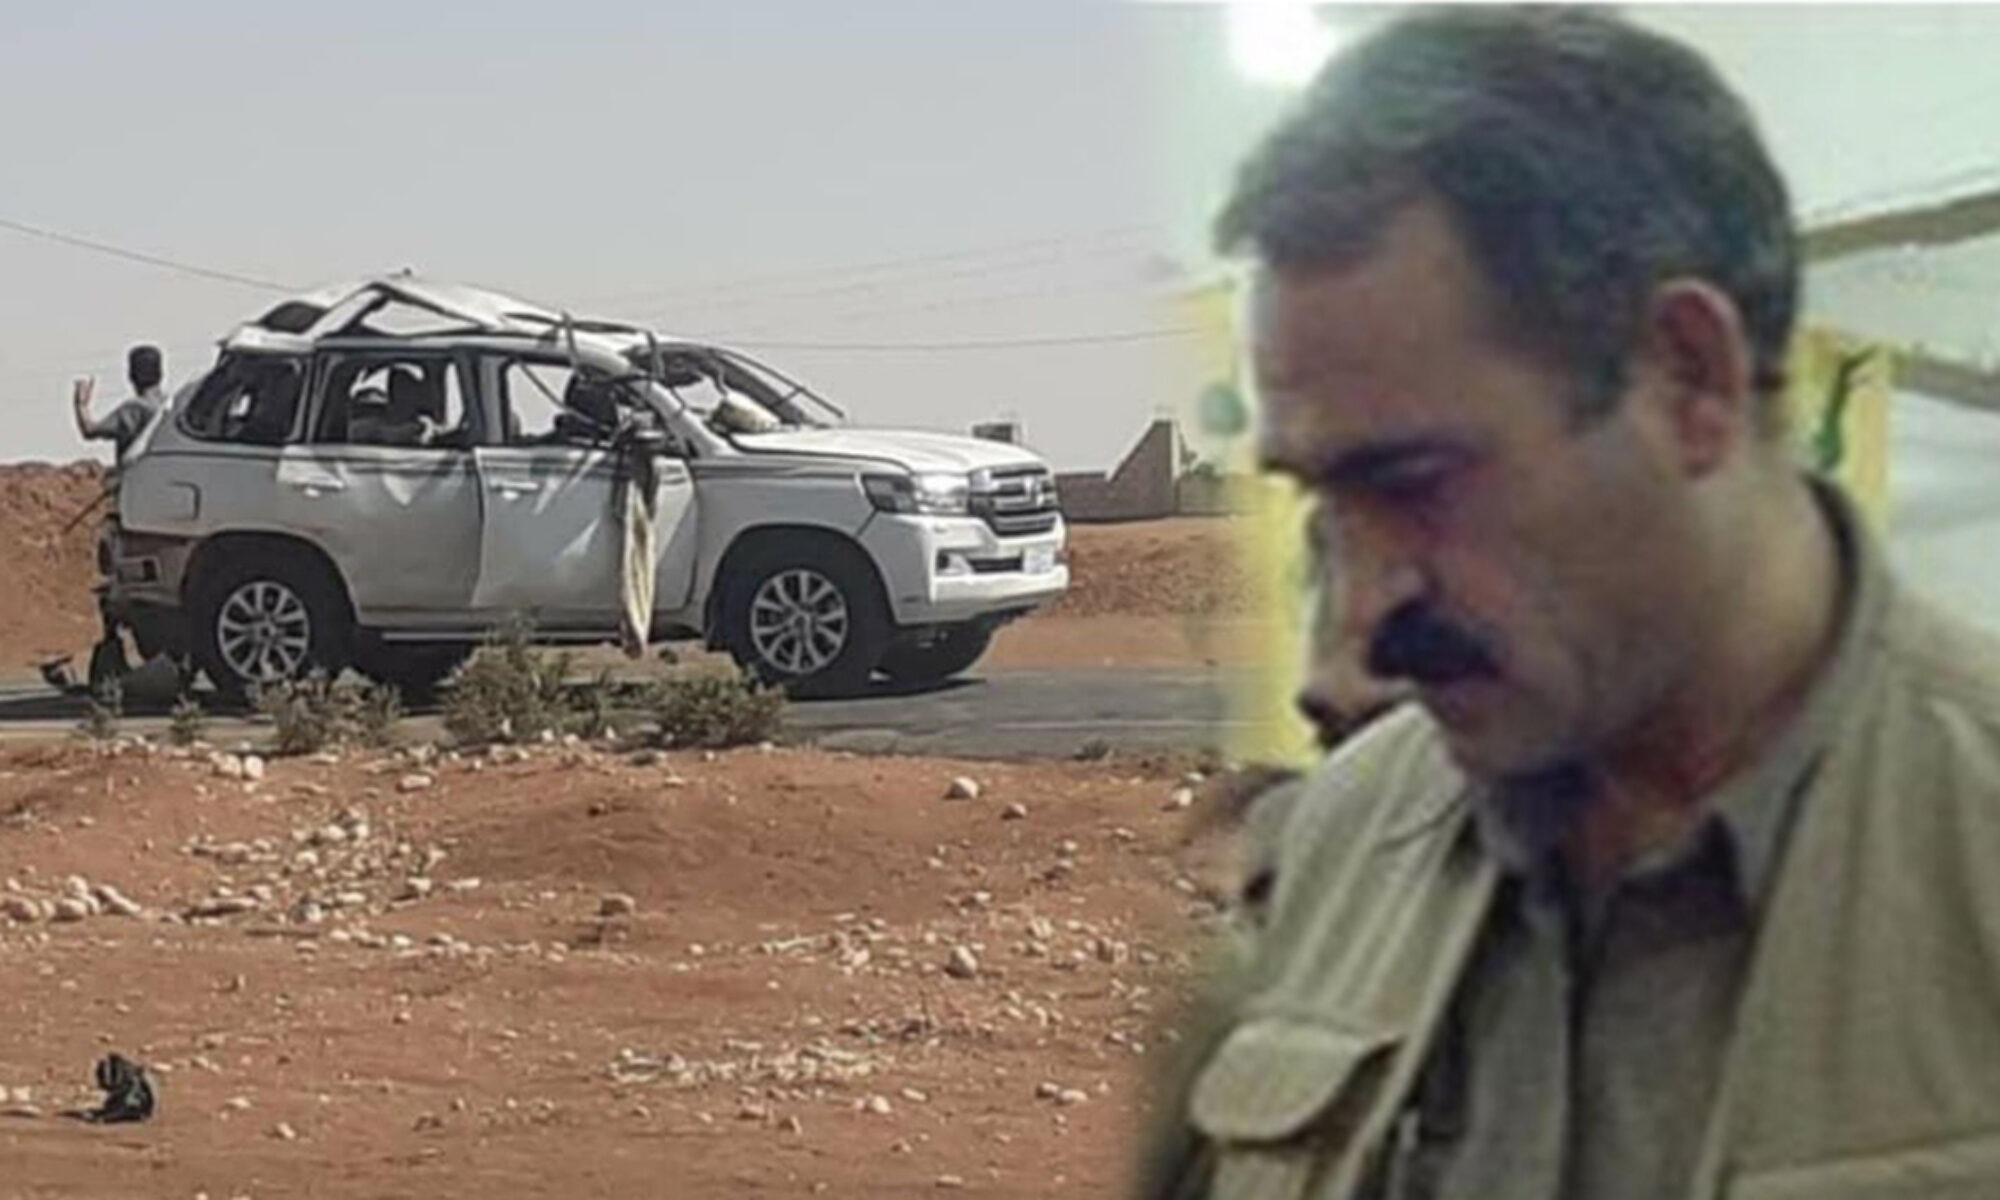 İddia: PKK yöneticilerinden Haydar Varto Qamişlo'da vuruldu Engin Karaaslan, Rojavaa Kırmızı Liste